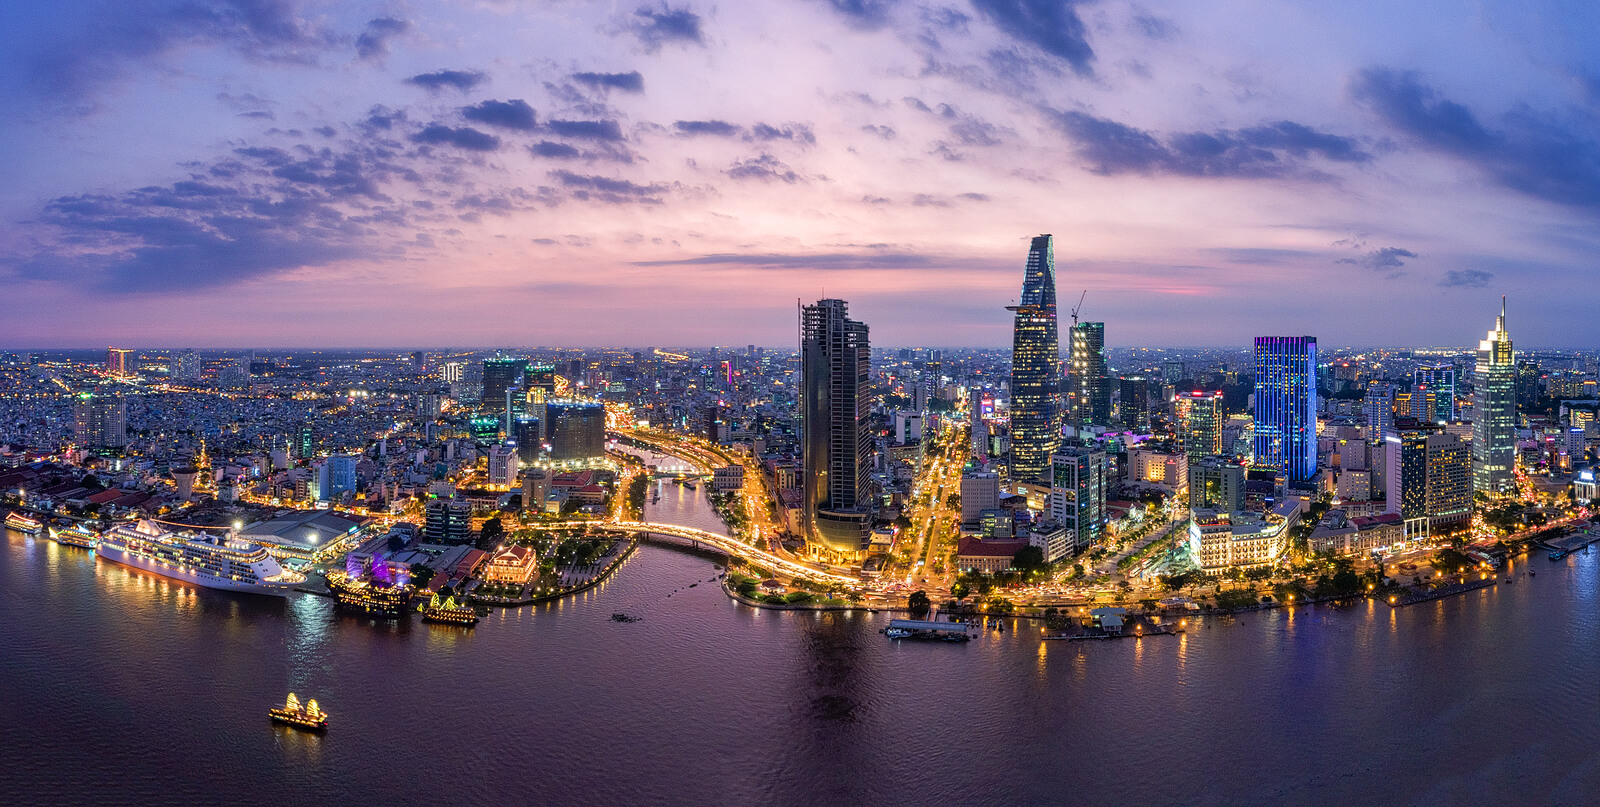 2019 越南胡志明市旅遊美食,交通,換錢,必買名產推薦、越南投資懶人包 @東南亞投資報告